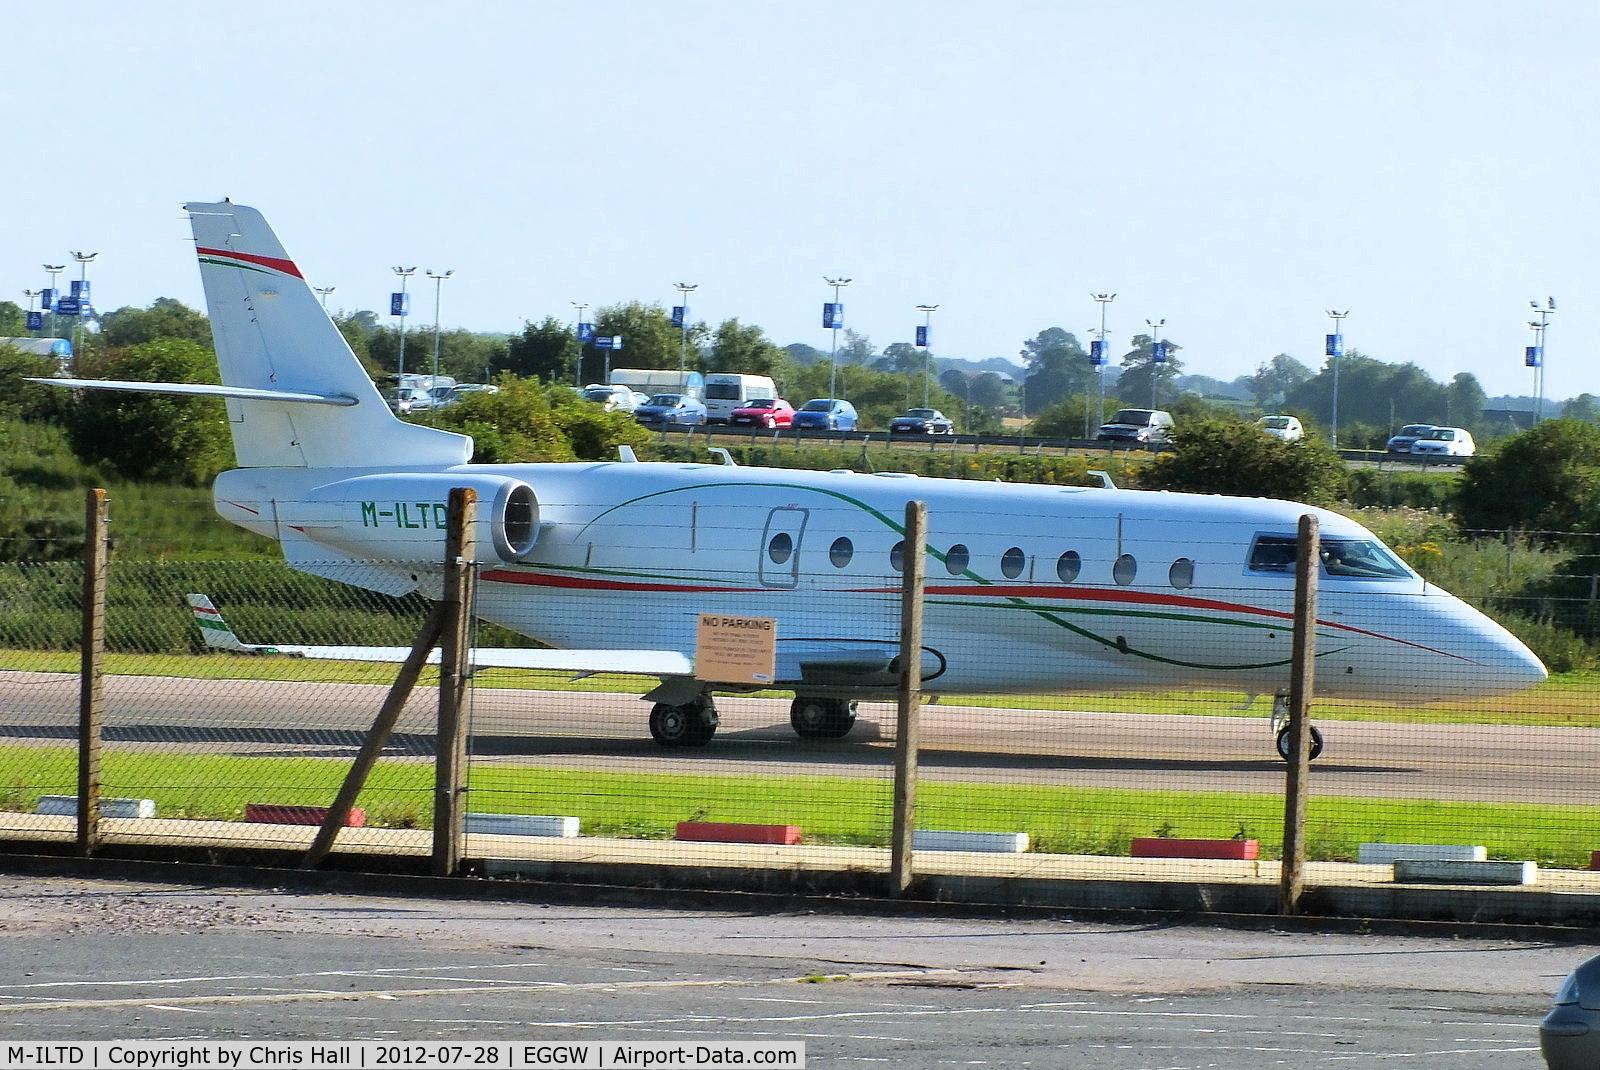 M-ILTD, 2008 Gulfstream Aerospace G200 C/N 207, Flash Sky